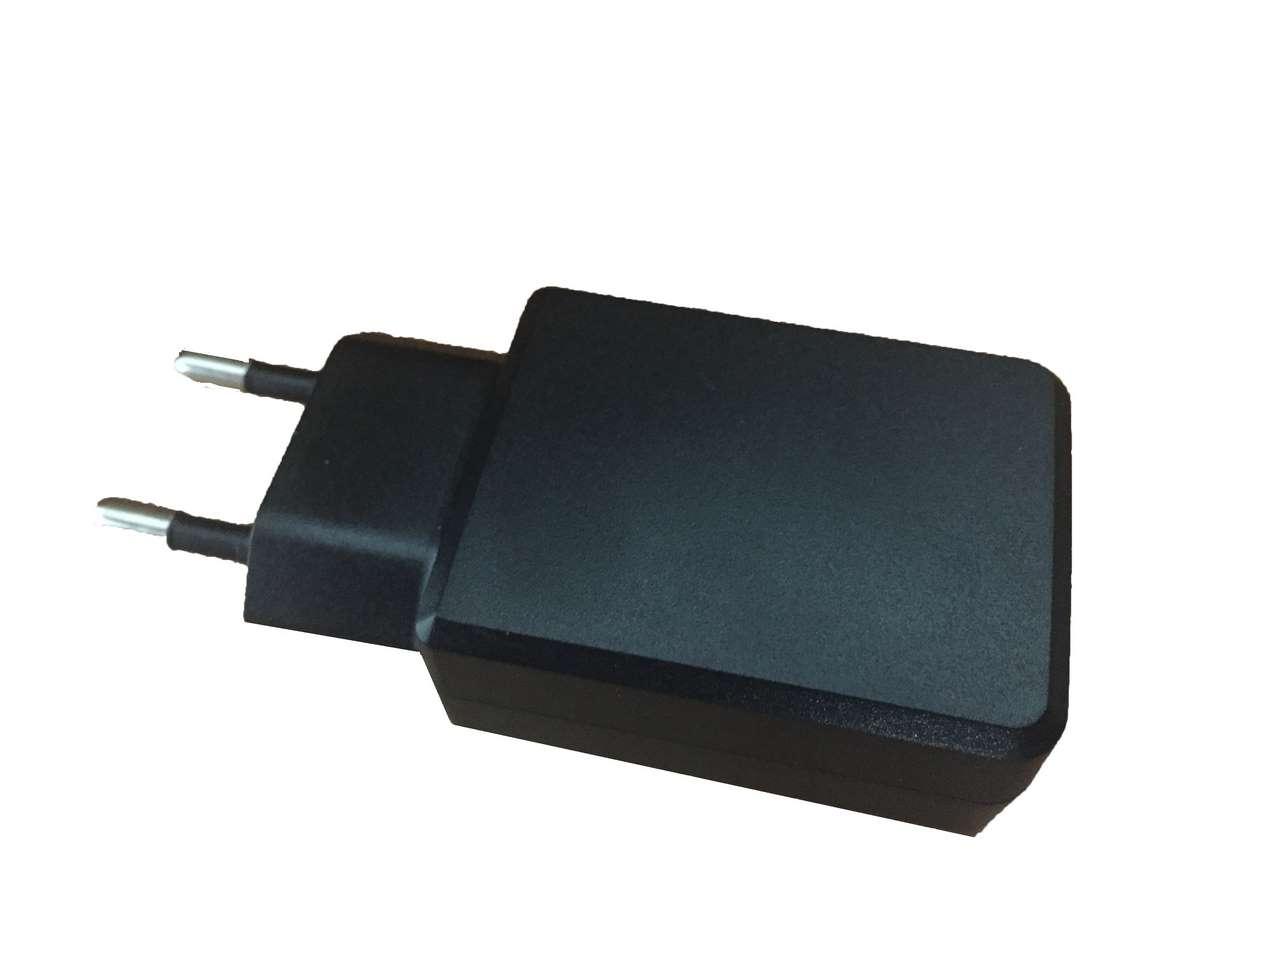 מטען קיר לחיבור כבל USB בעוצמה של 2.5A לטעינה מהירה